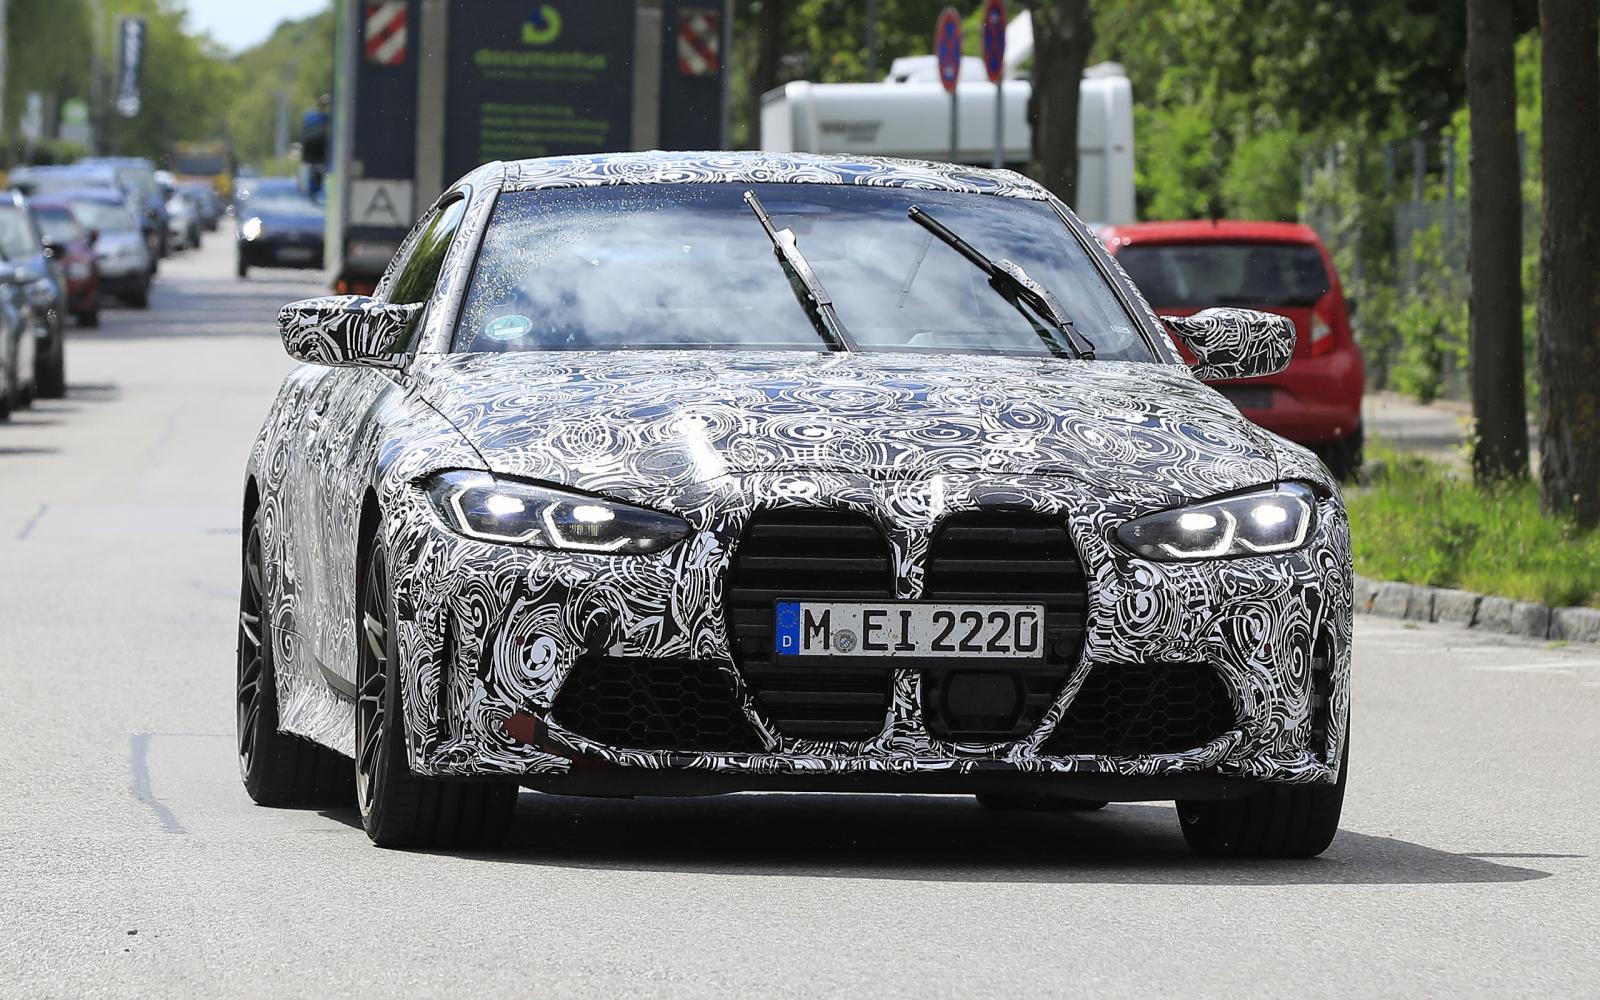 Aaaahhh!! De BMW M4 Coupé laat ons schrikken